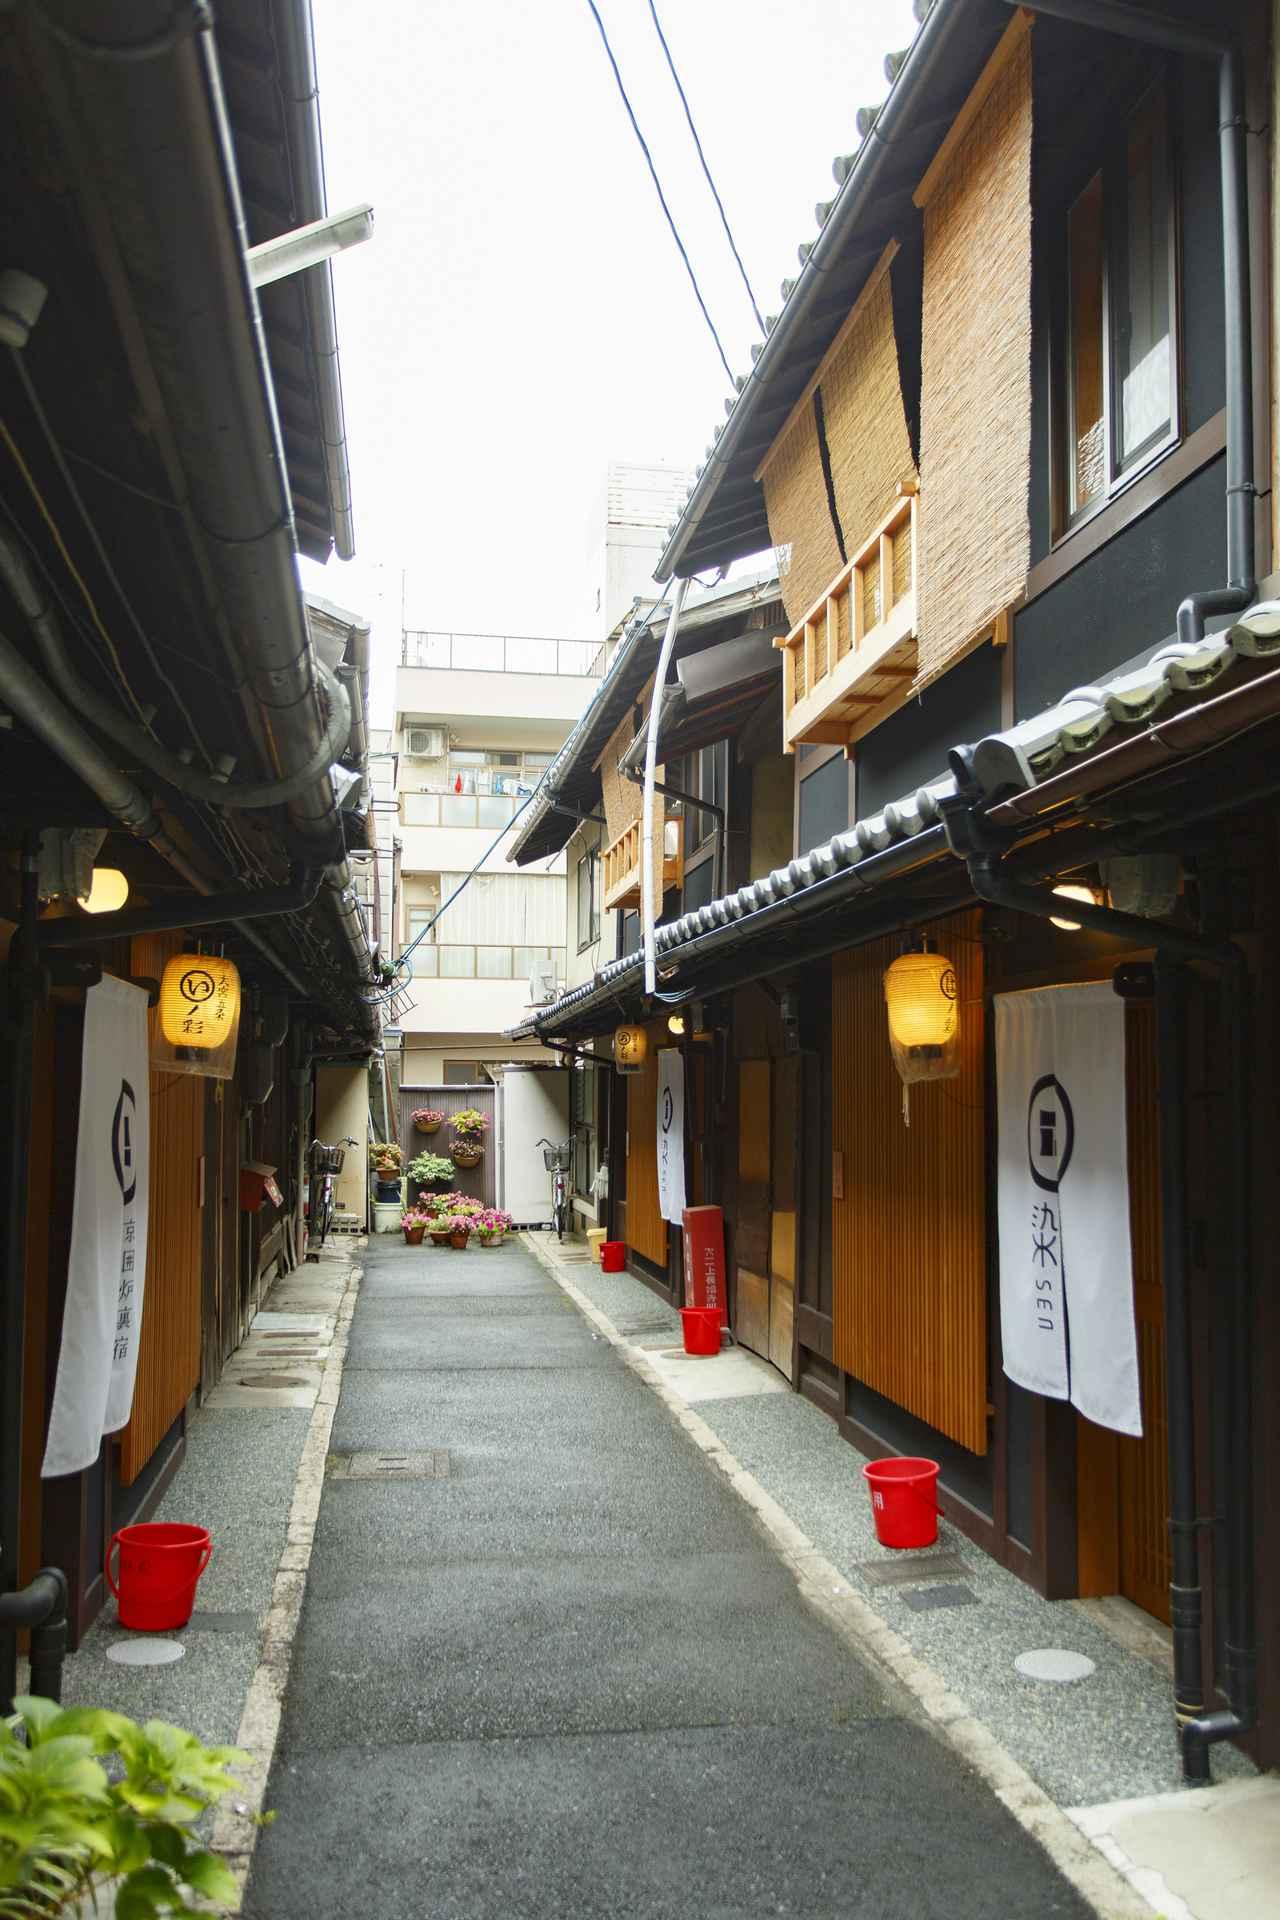 画像1: 日本古来の美意識にもう一度触れる。歴史、文化、自然を感じる町家泊、伝泊